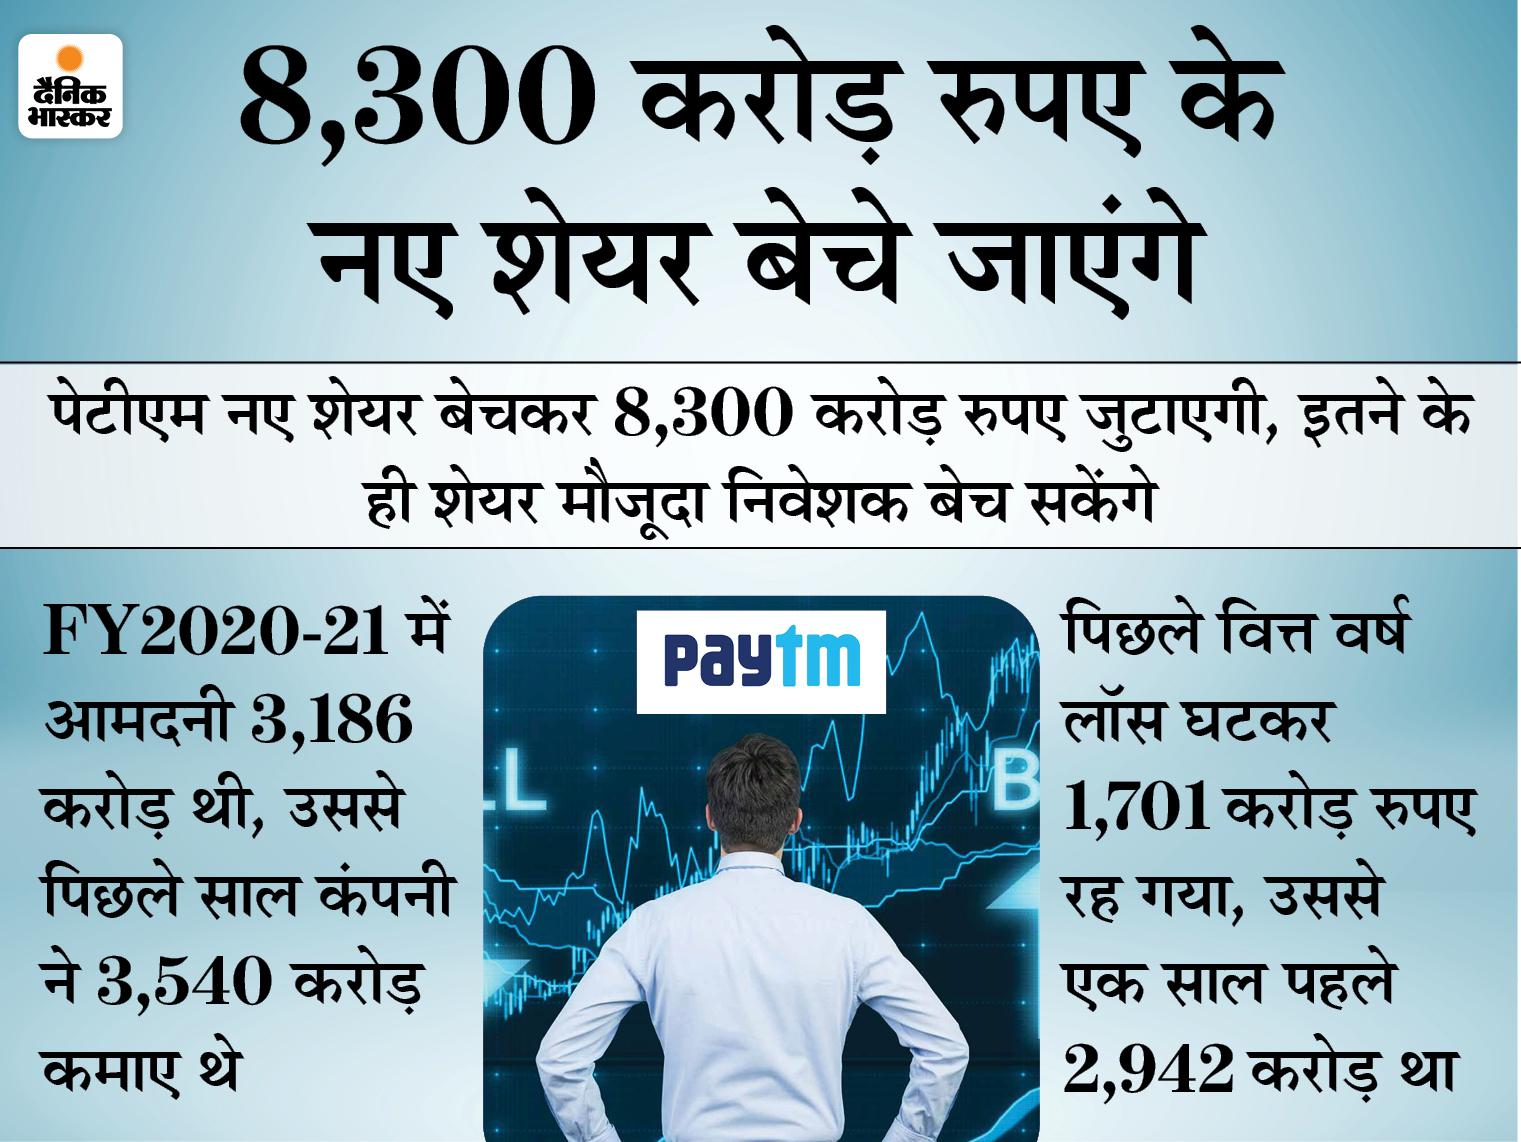 पेटीएम लाएगी 16,600 करोड़ रुपए का पब्लिक इश्यू, सेबी को दी एप्लिकेशन बिजनेस,Business - Dainik Bhaskar